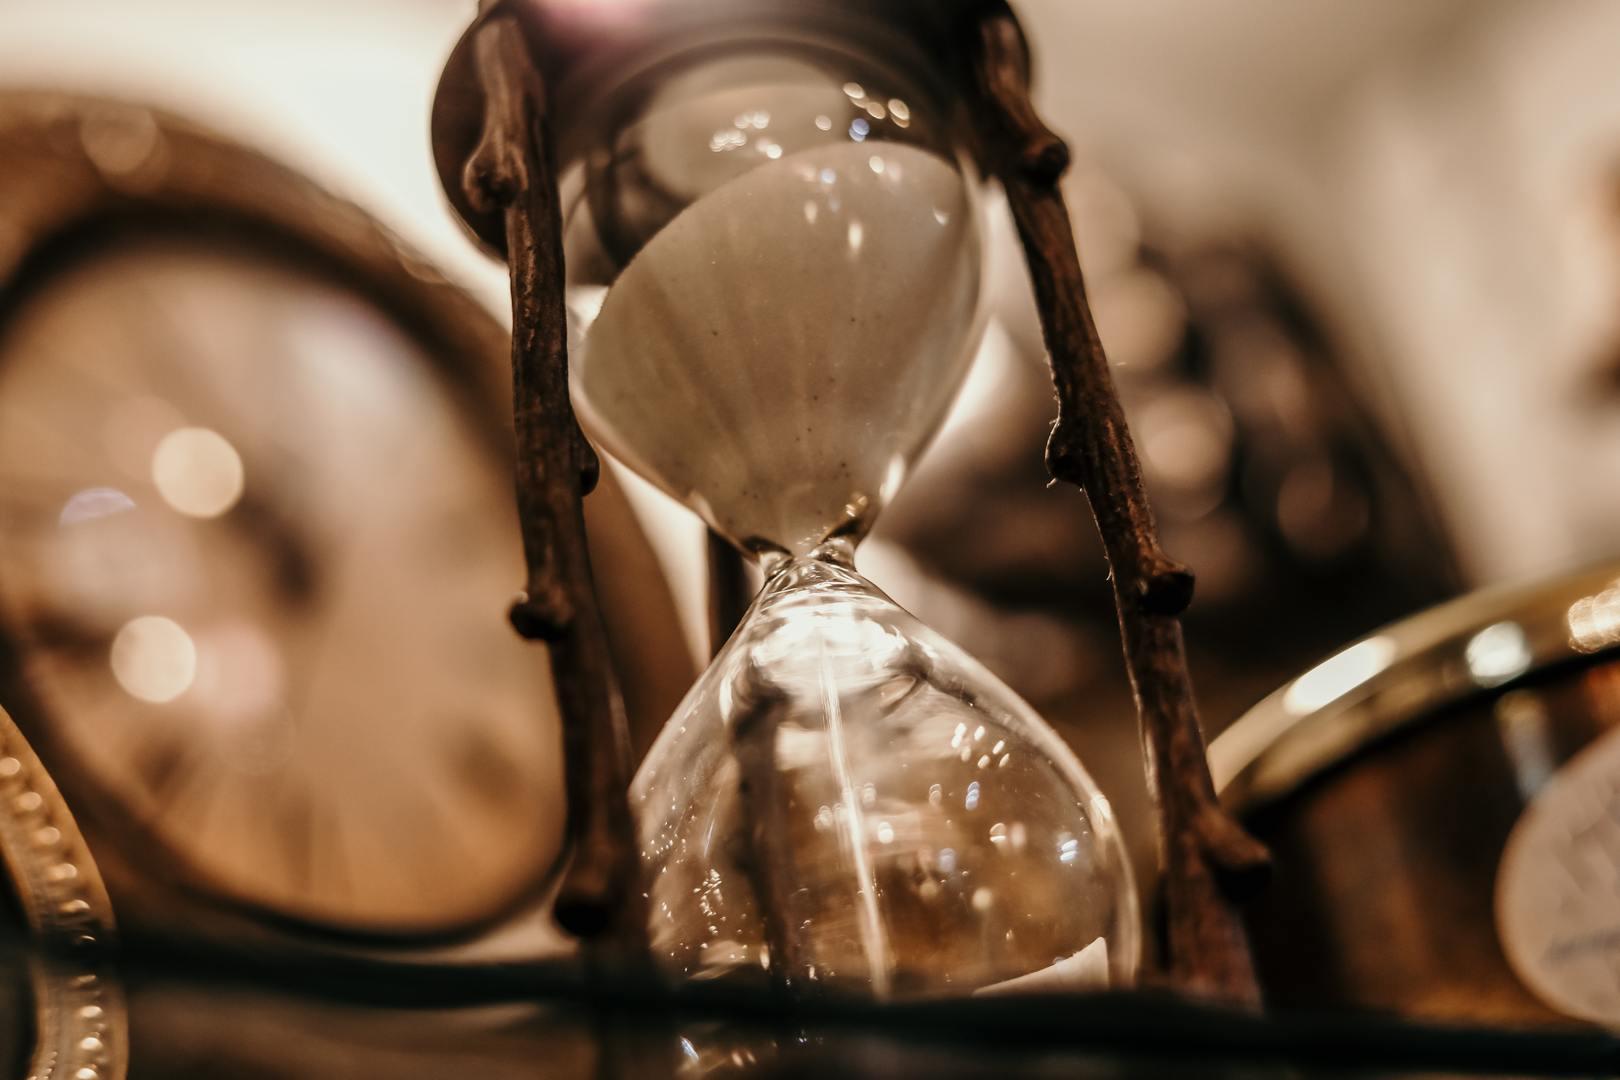 Een veel gestelde vraag is of er een tijdslimiet is verbonden aan het indienen van een letselschadeclaim. Daarom is het belangrijk dat je zo snel mogelijk juridisch advies inwint